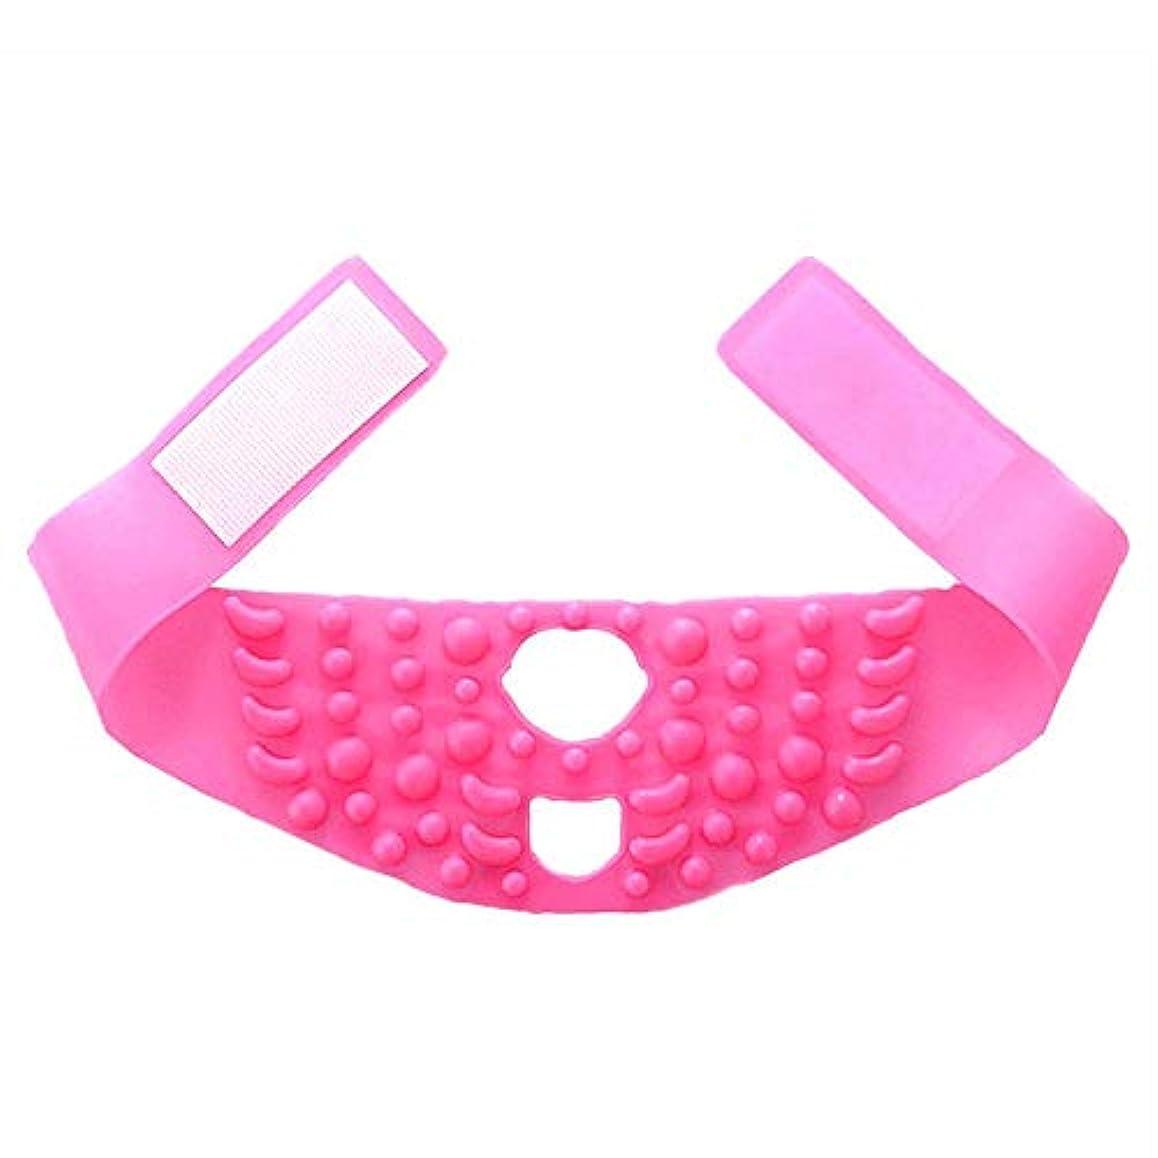 歯痛王朝鳴らすMinmin シンフェイスマスクシリコーンマッサージ引き締まった形の小さなVフェイスリフティングに薄いフェイスアーティファクト包帯を飾る - ピンク みんみんVラインフェイスマスク